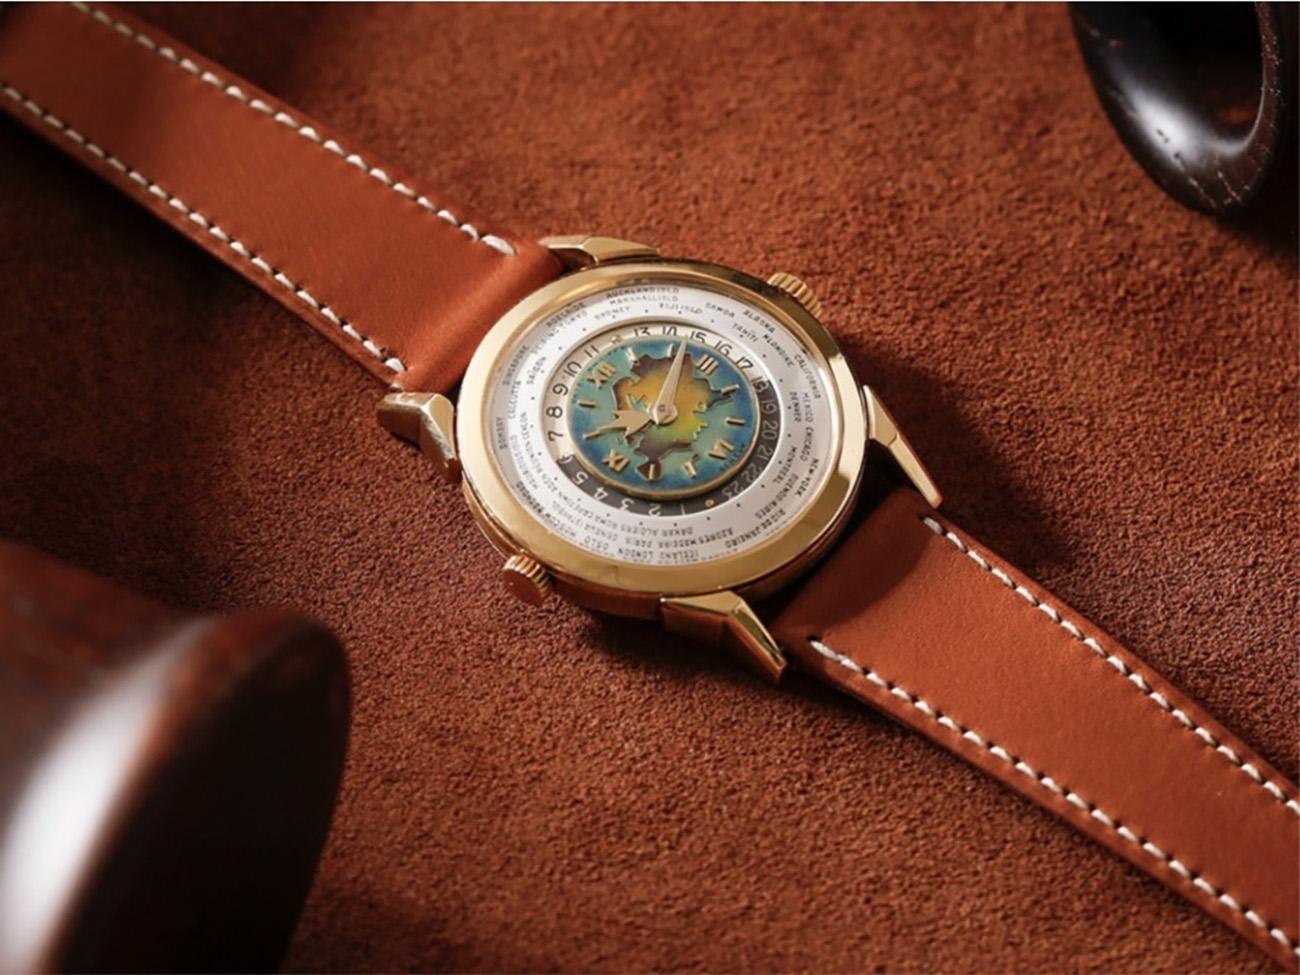 Τιμή-ρεκόρ 7,8 εκατ. δολαρίων για ένα εξαιρετικά σπάνιο ρολόι Patek Philippe